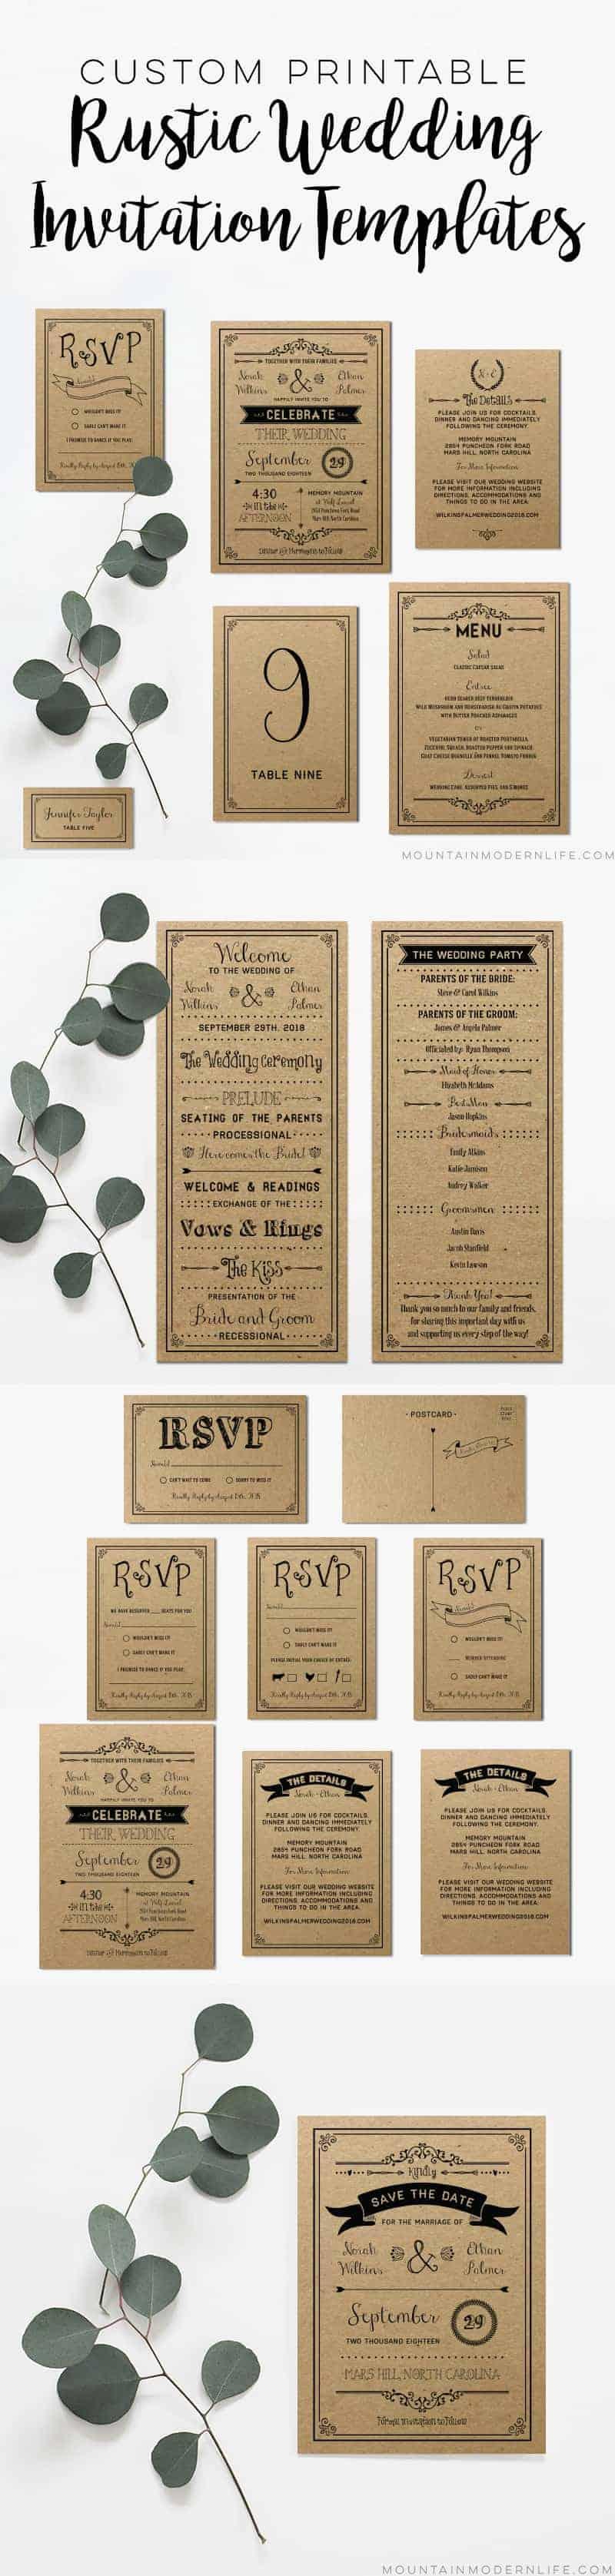 Custom Invitations Printable